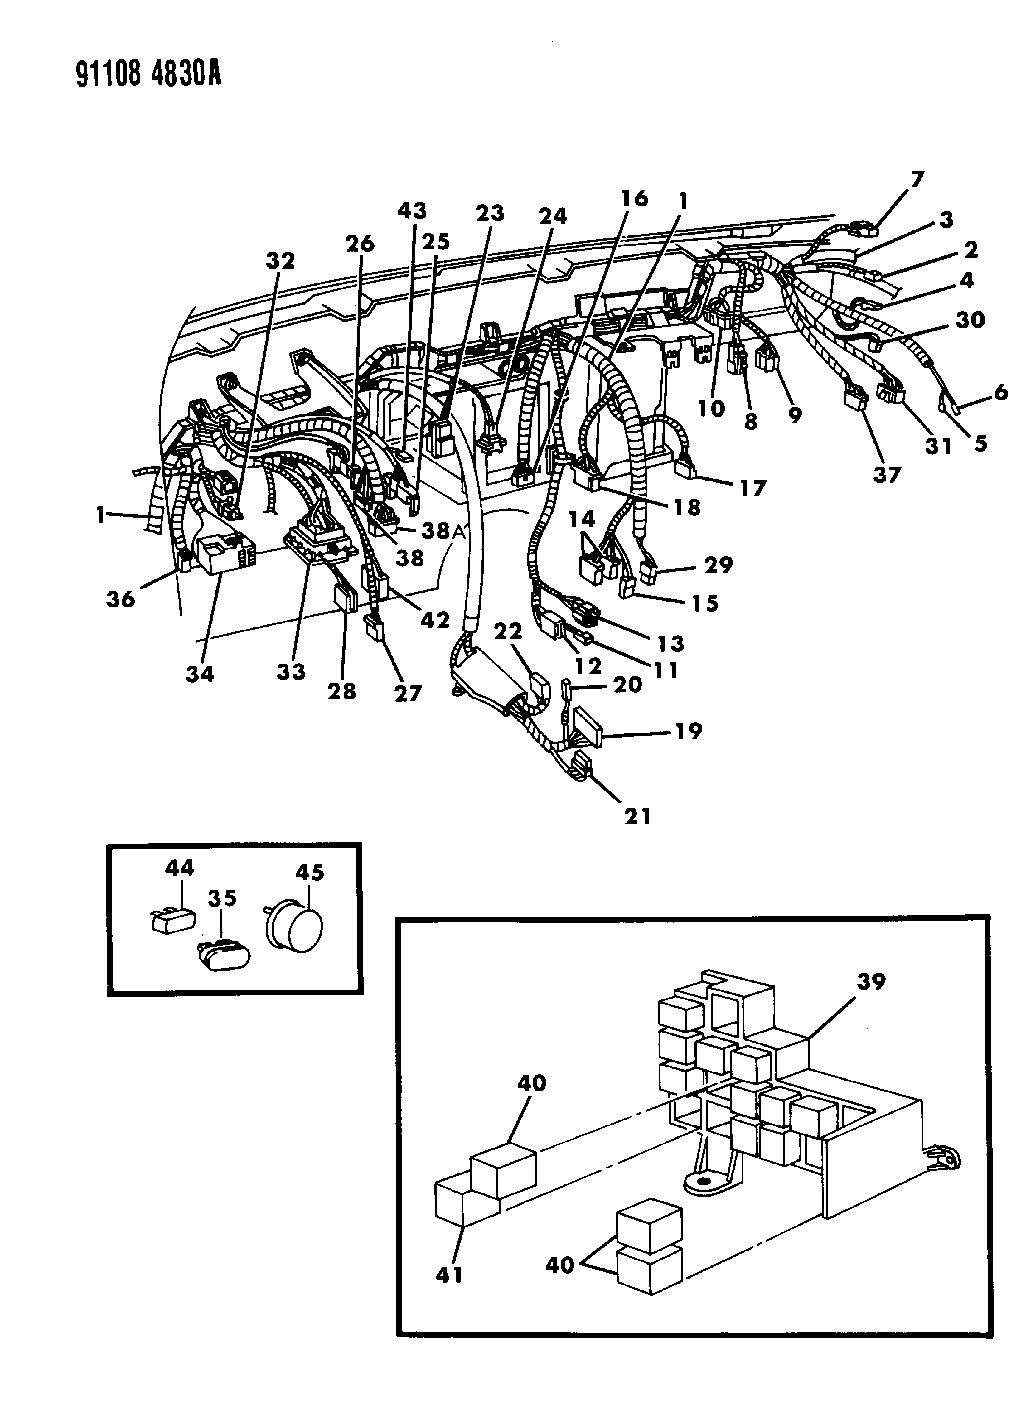 1993 chrysler lebaron wiring diagram 89 chrysler lebaron wiring diagram 1991 chrysler lebaron wiring diagram | wiring library #3